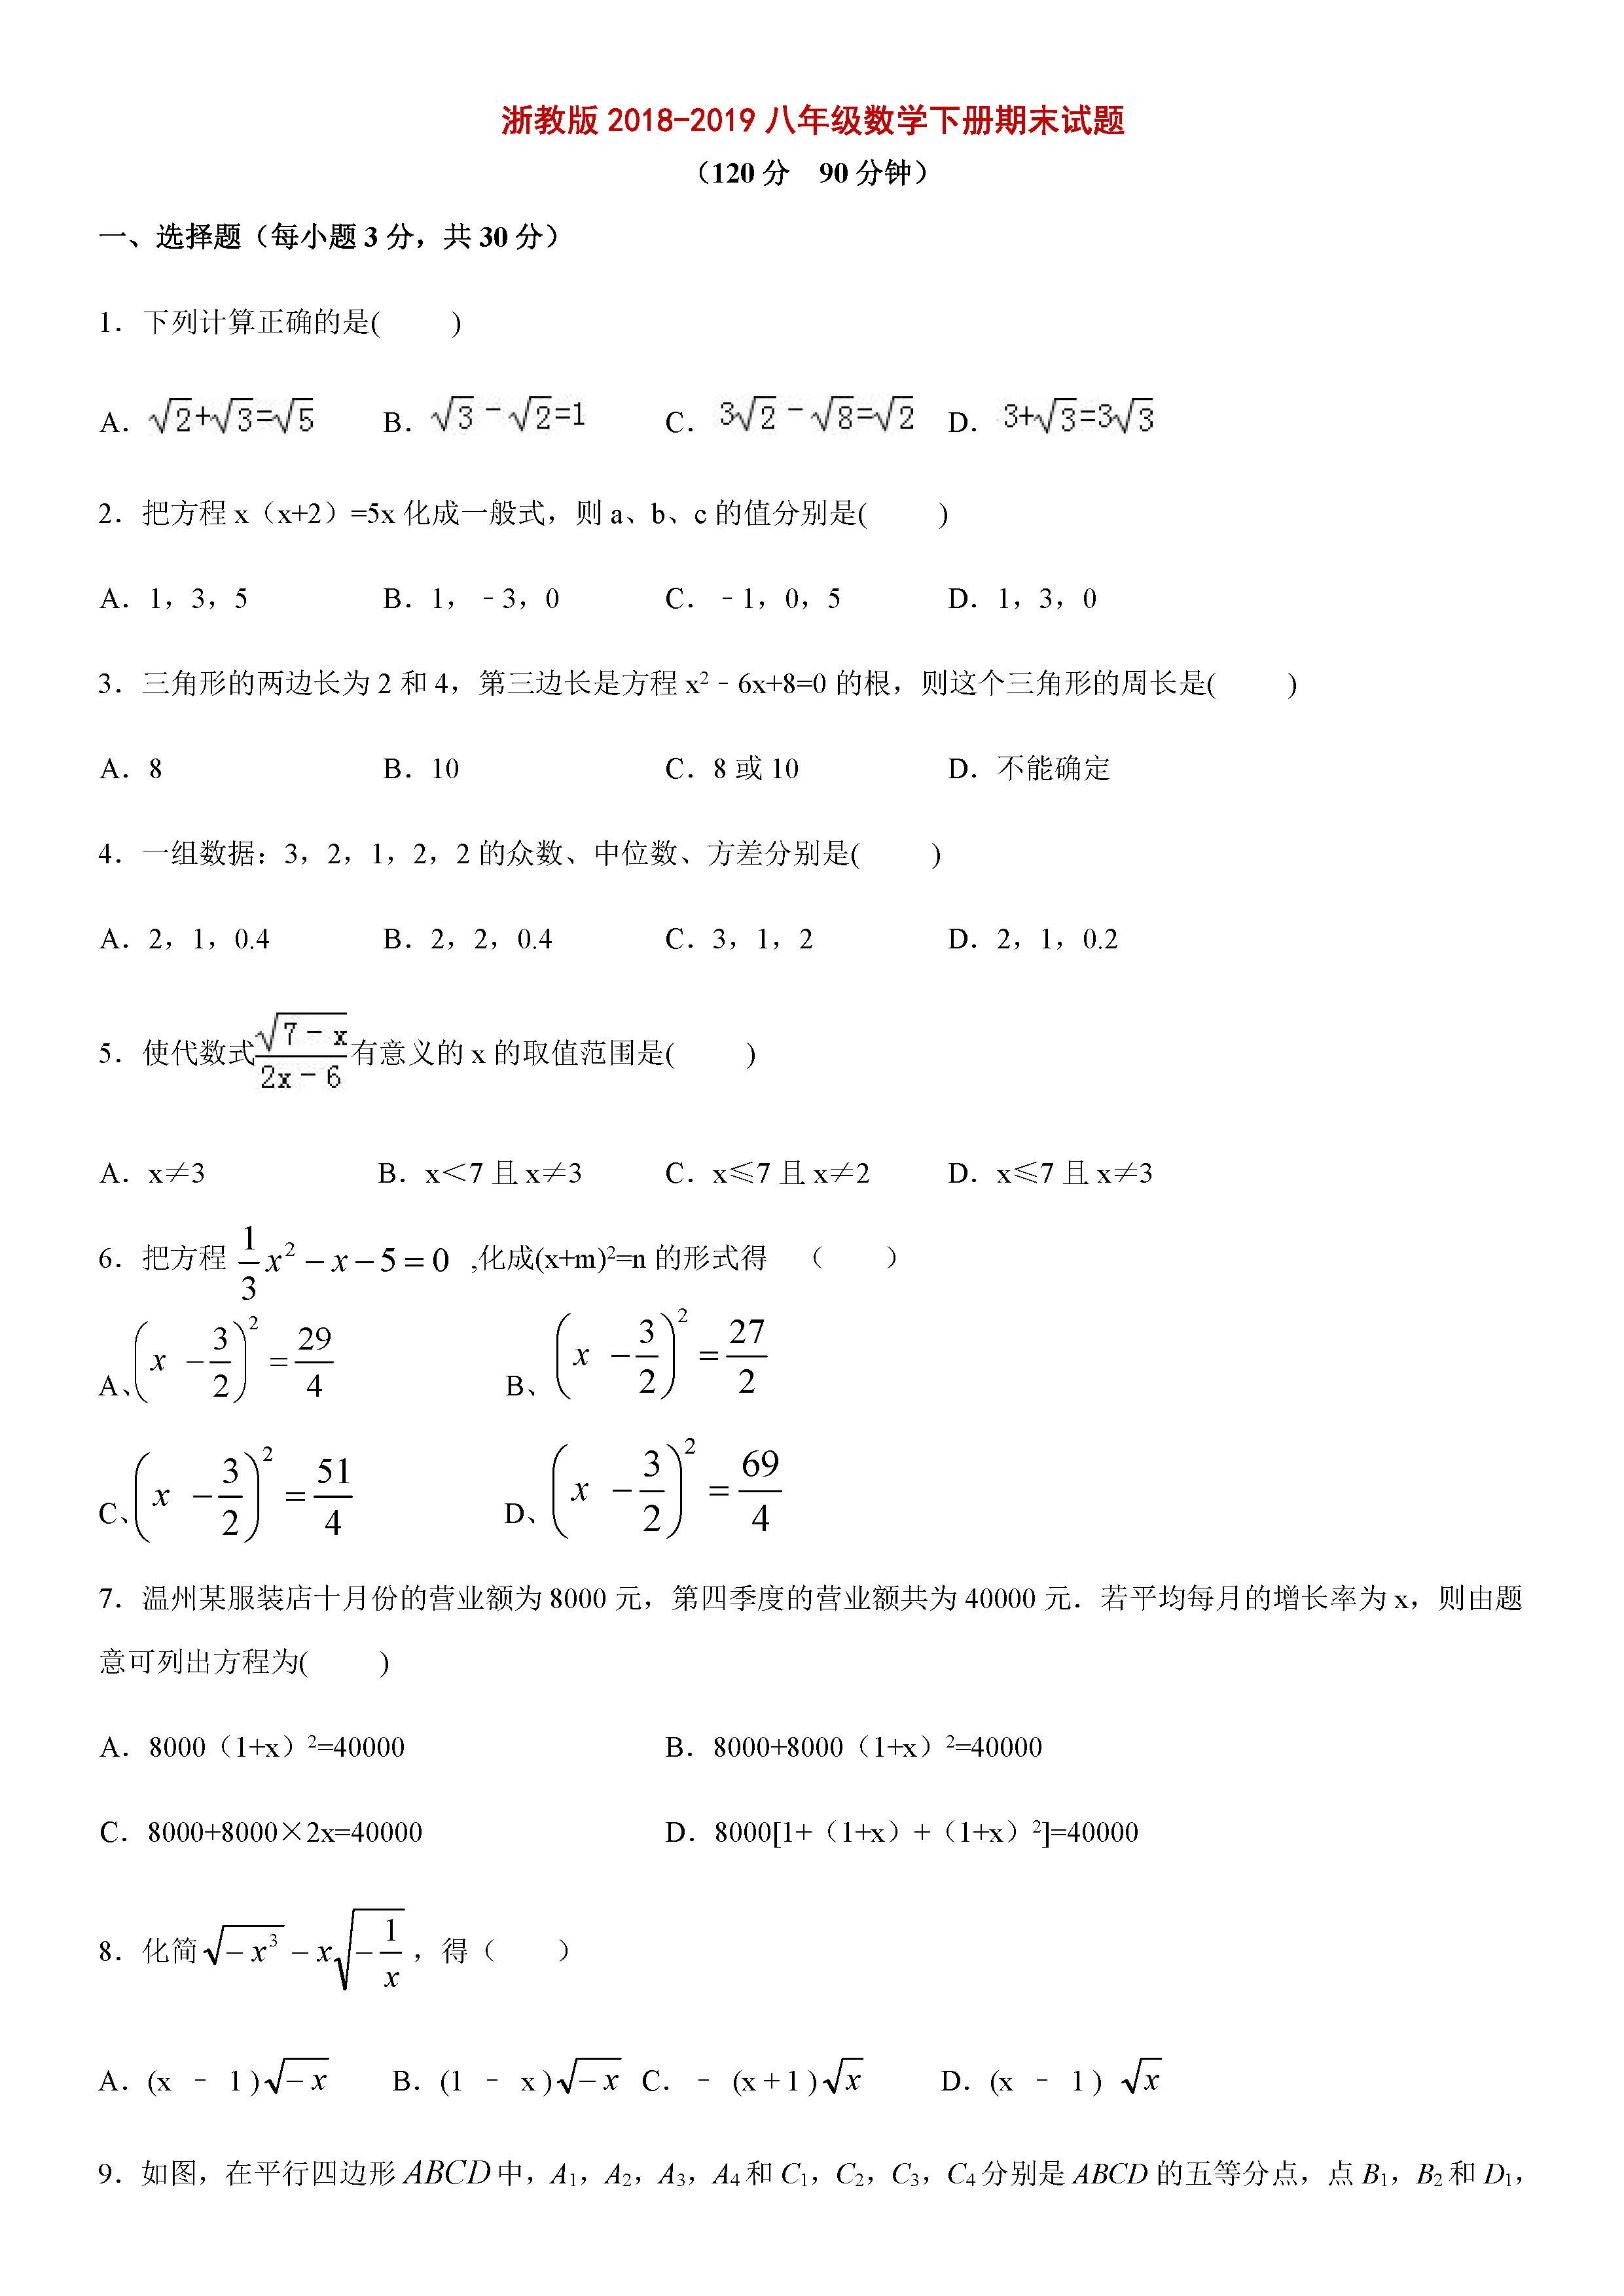 浙教版2018-2019初二年级数学下册期末测试题含参考答案